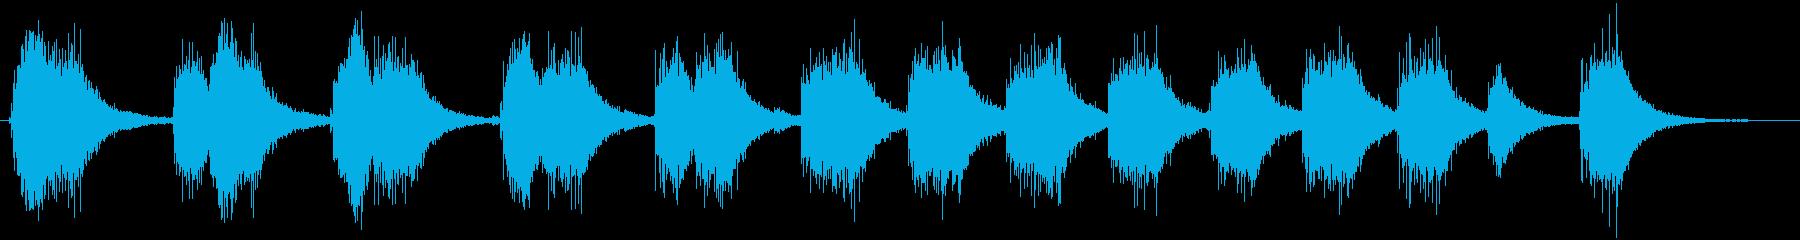 空気圧エアガン:5つのナットを交換...の再生済みの波形